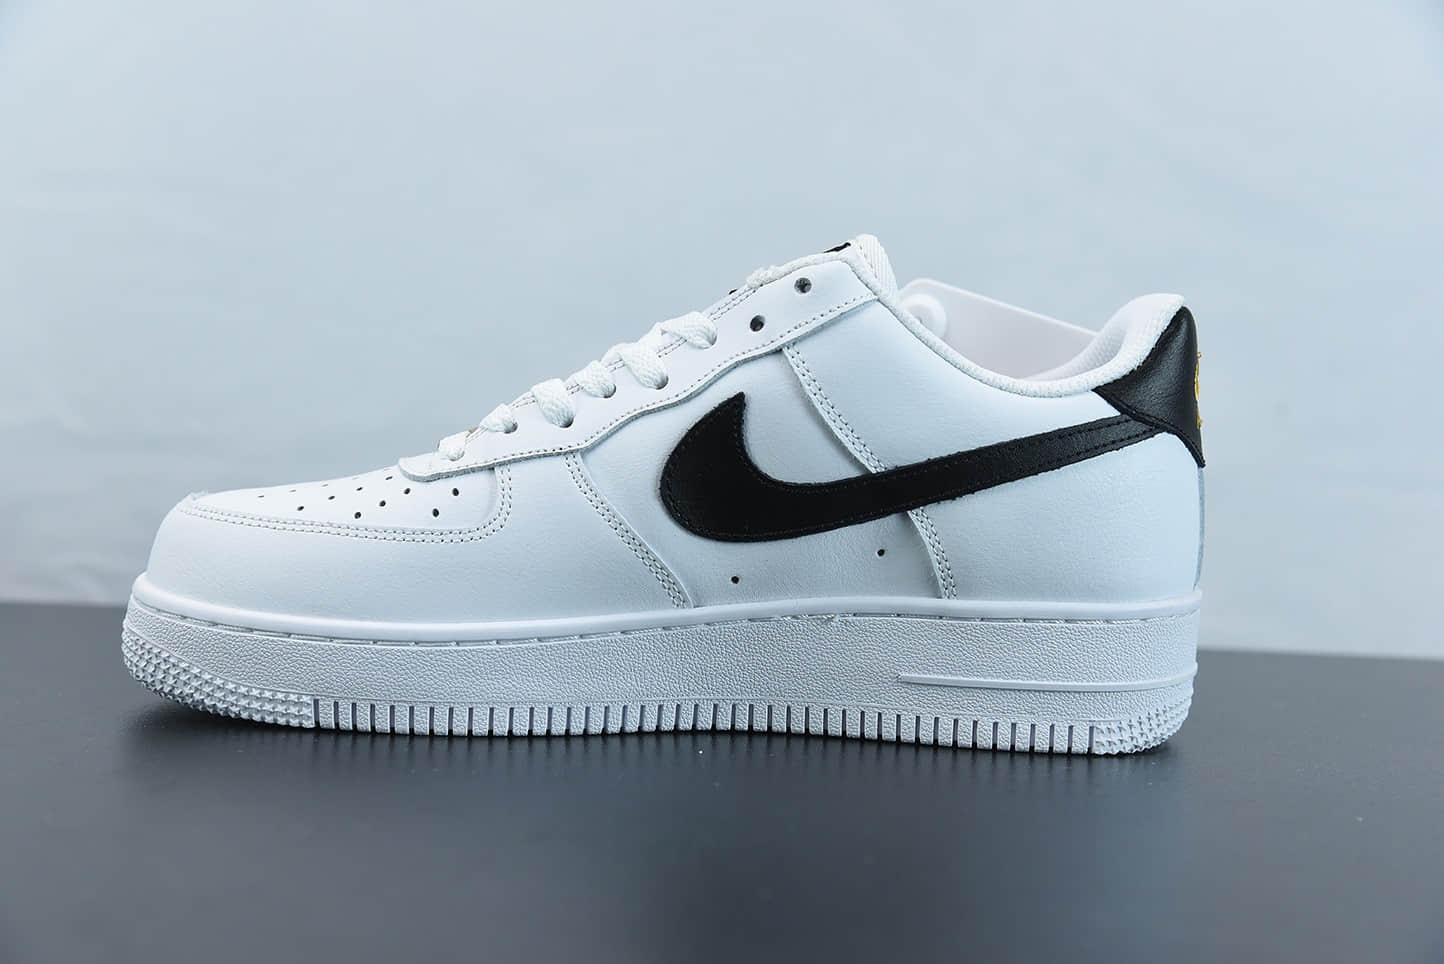 耐克Nike Air Force 1 Low 黑白金配色空军一号低帮休闲板鞋纯原版本 货号:CZ0270-102